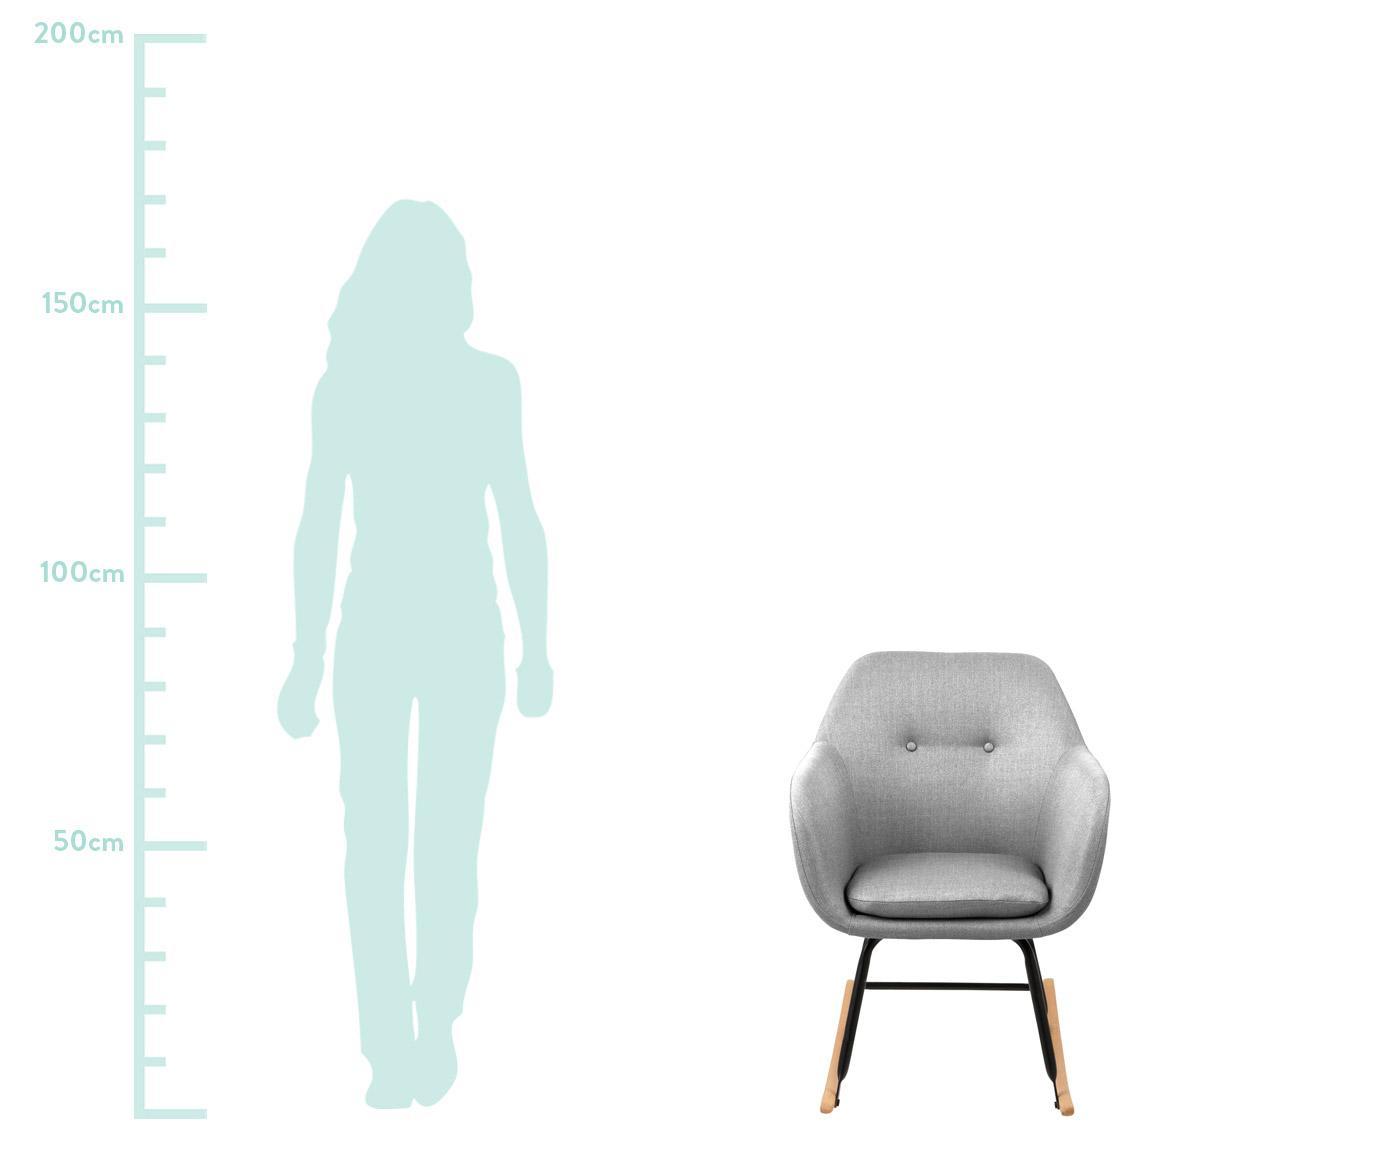 Schaukelstuhl Emilia in Hellgrau, Bezug: 90% Polyester, 8% Viskose, Beine: Metall, pulverbeschichtet, Webstoff Hellgrau, 57 x 81 cm